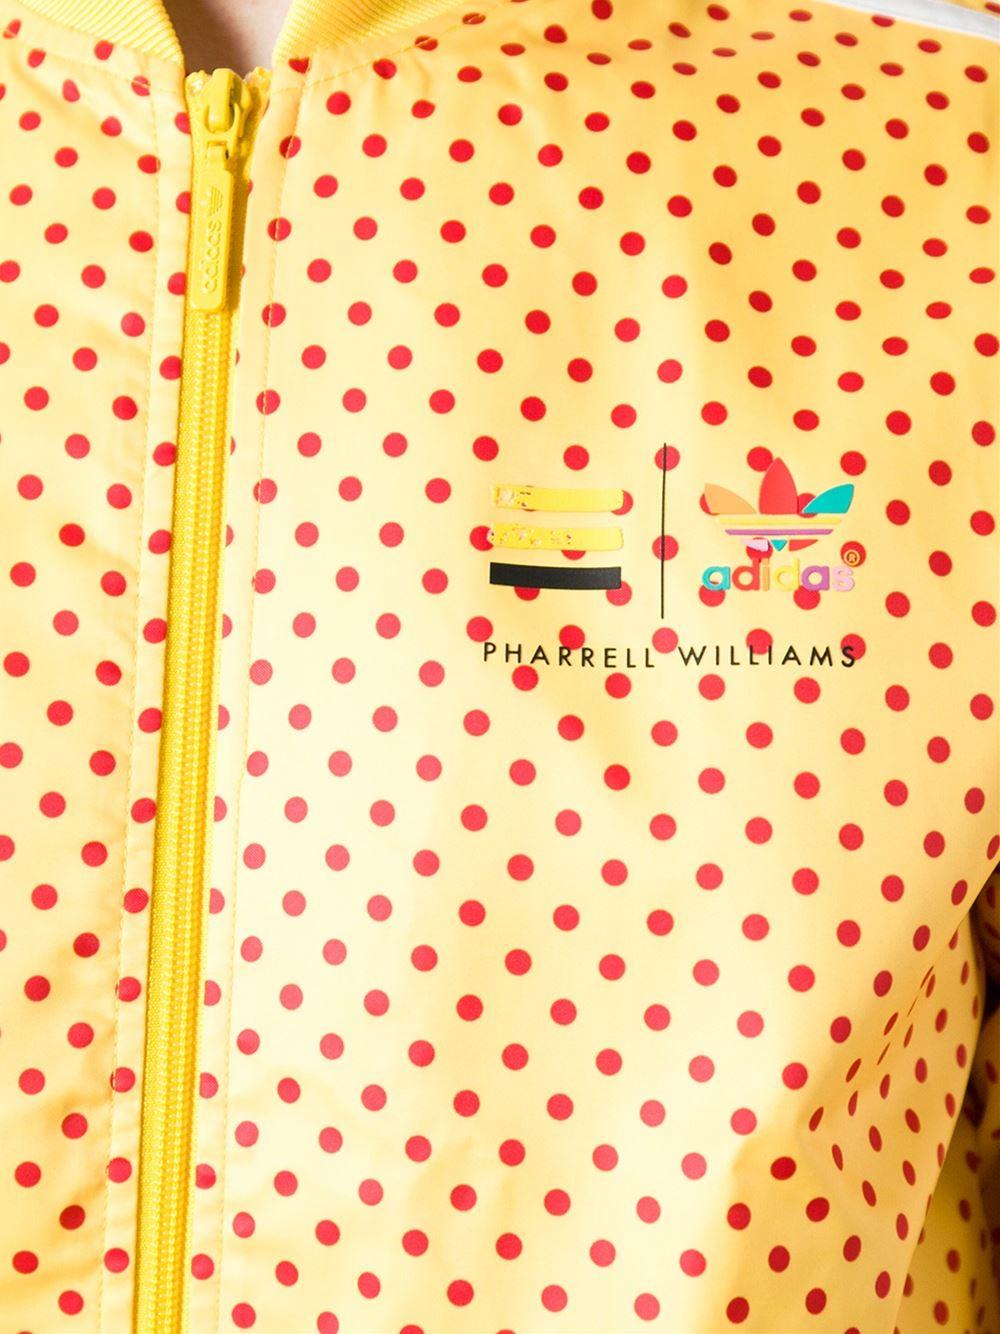 767a46e30ec ADIDAS ORIGINALS X PHARRELL WILLIAMS polka dot track jacket | Shive ...